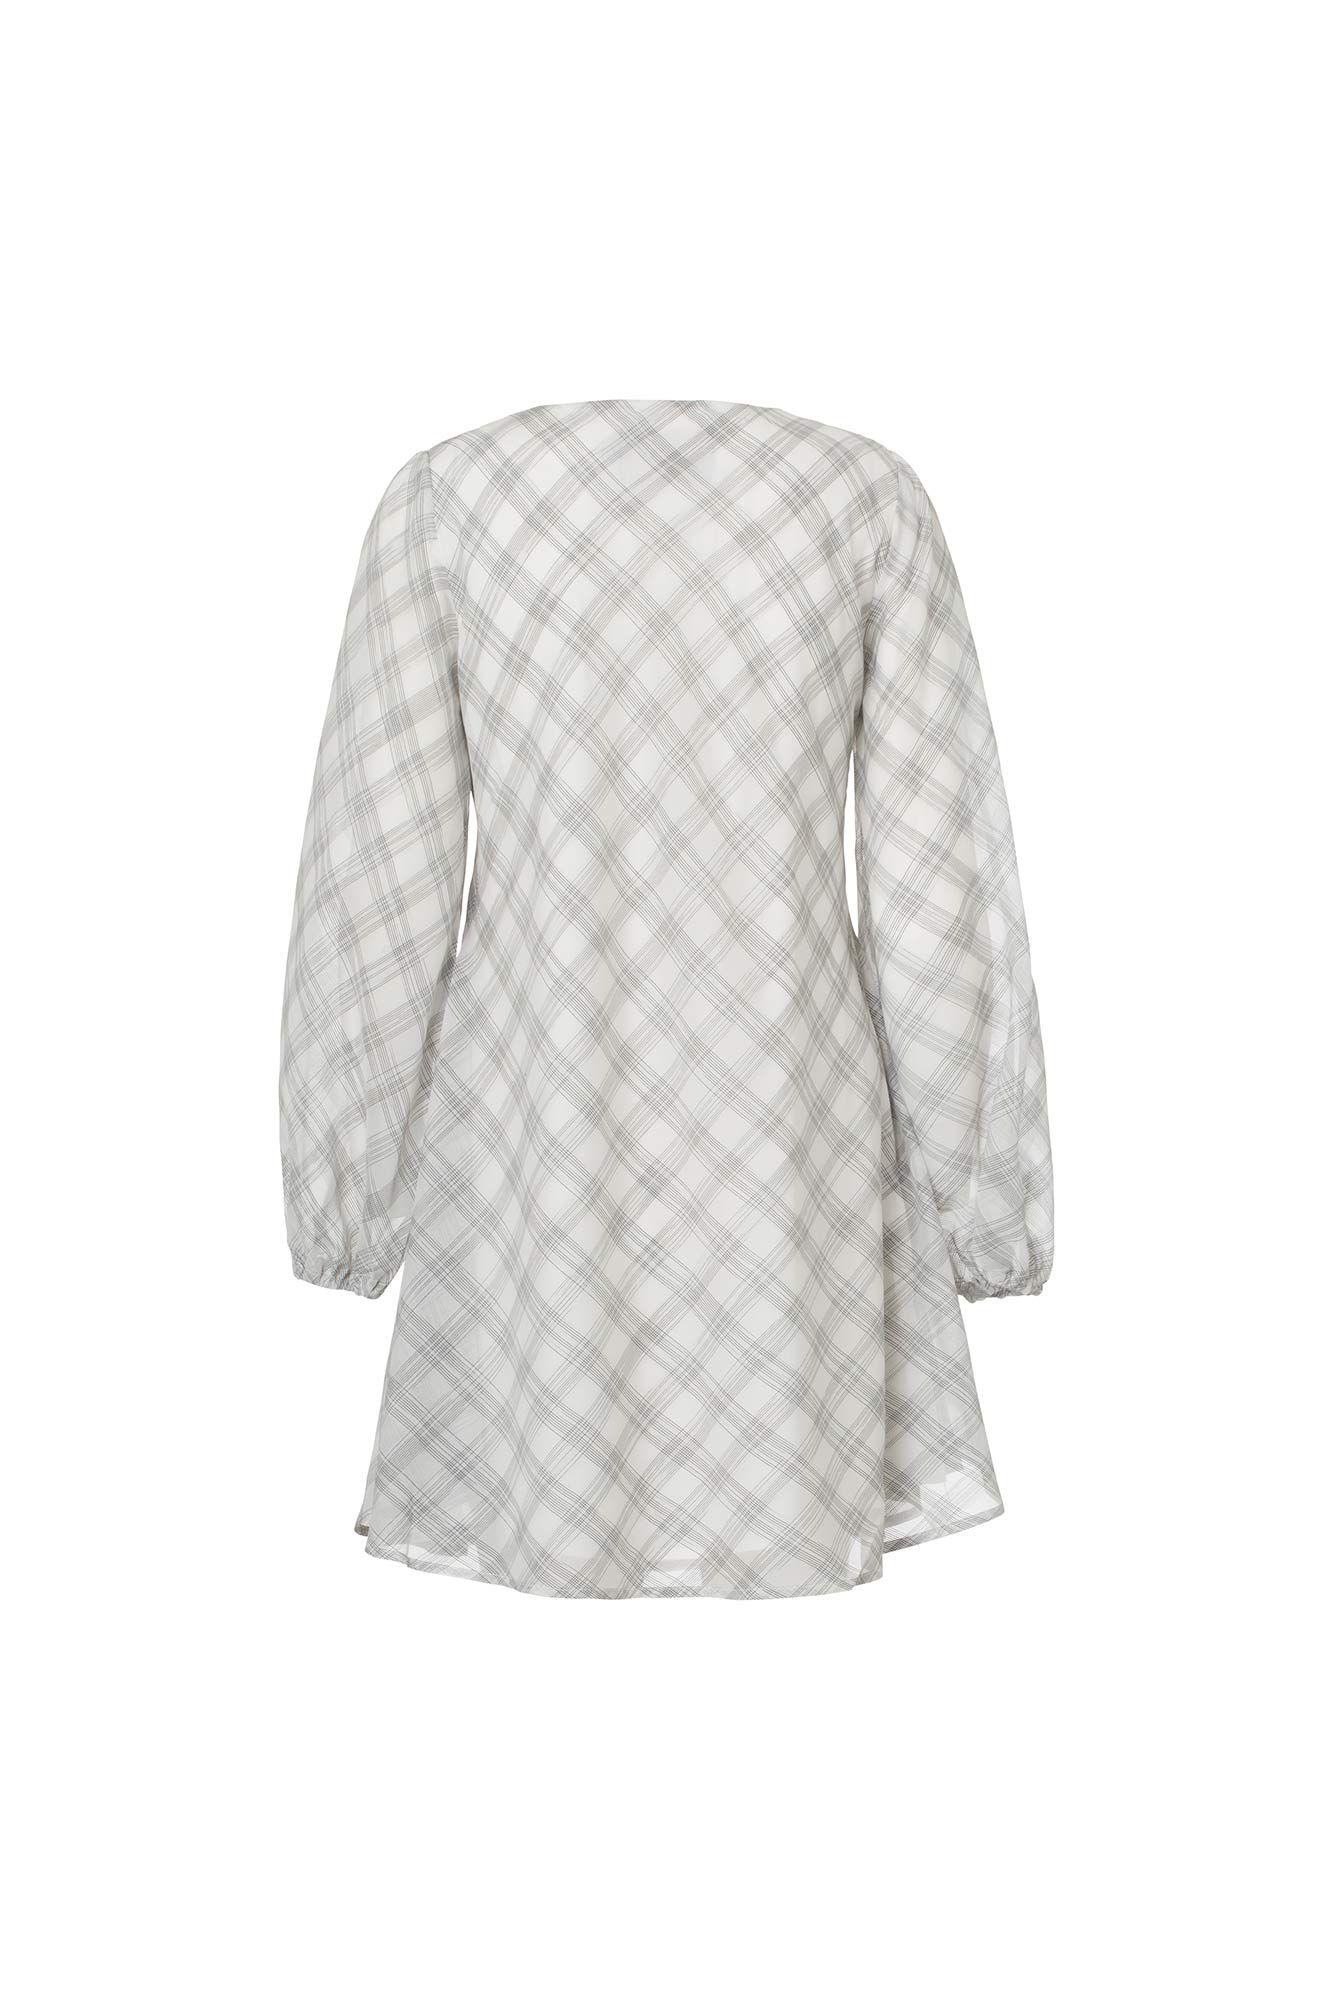 Philippa dress 05370321, WHITE